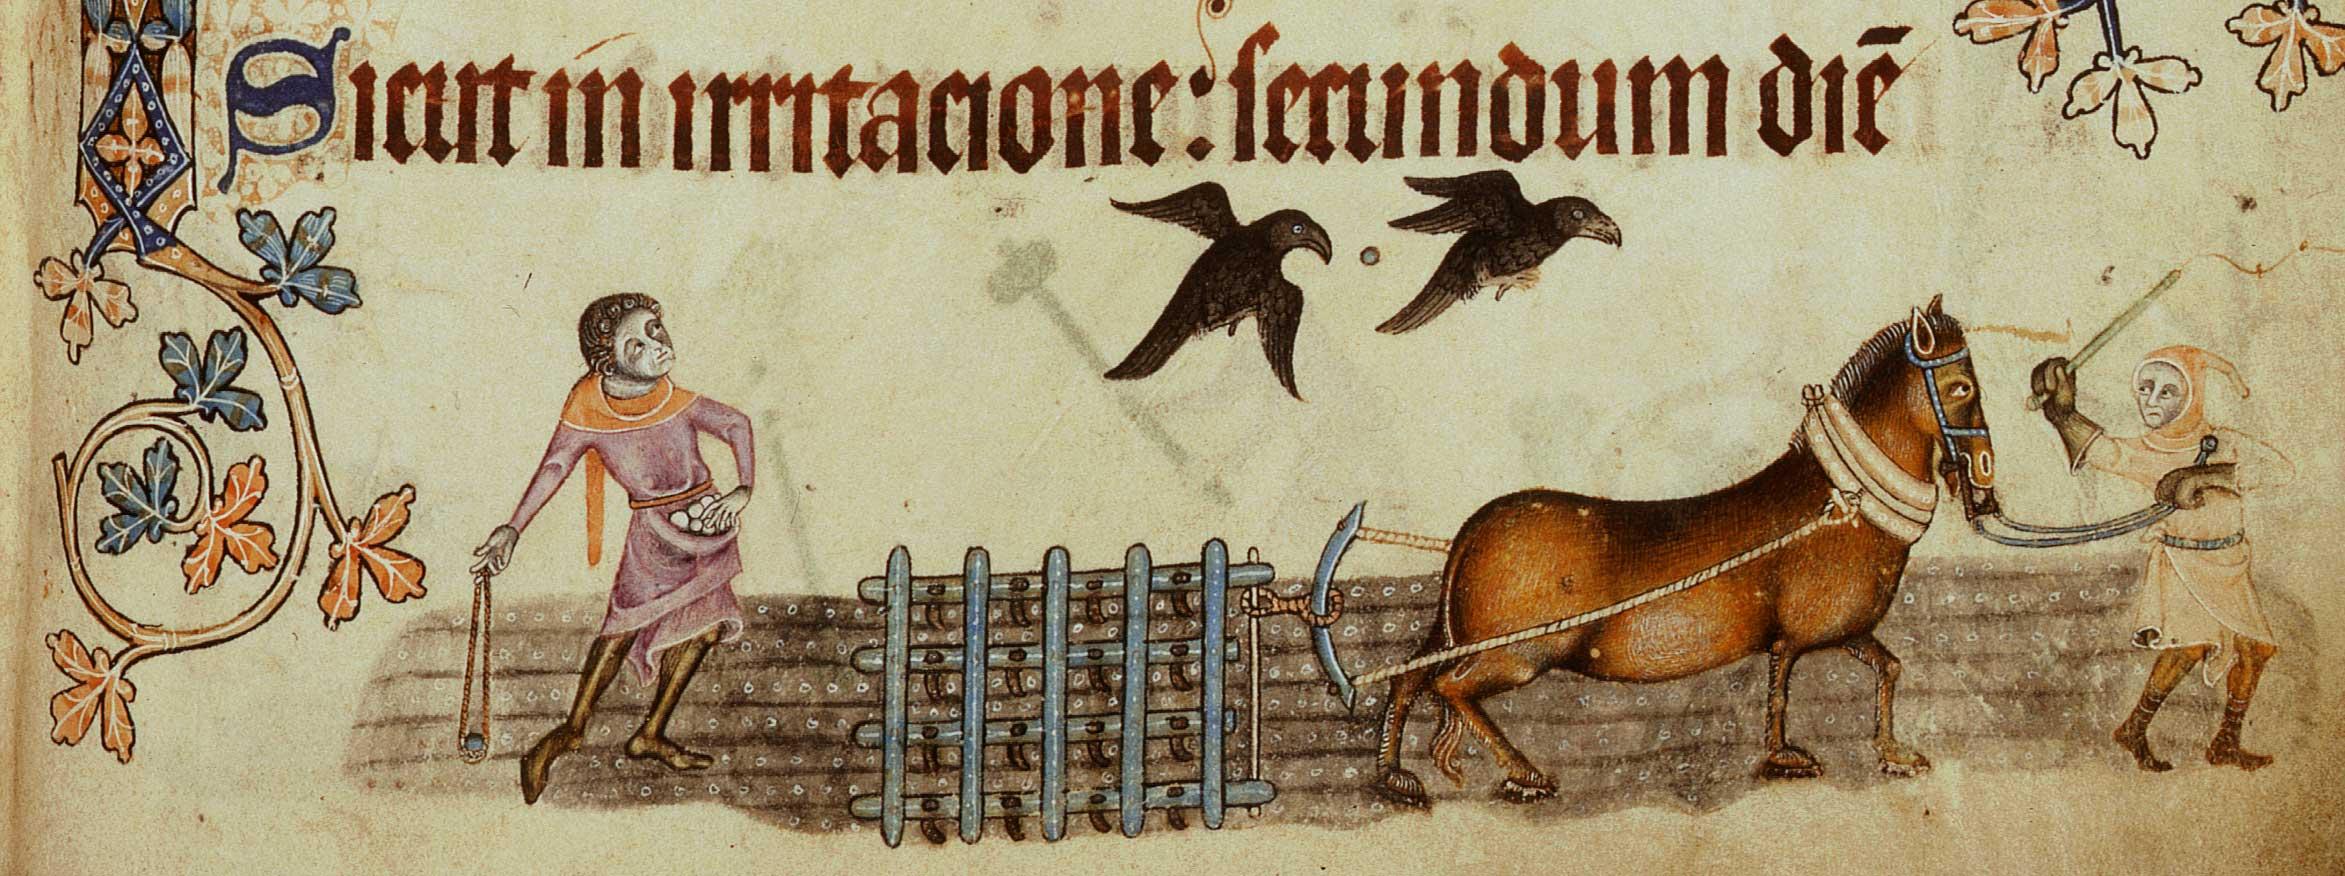 1330-Harrowing-l.jpg